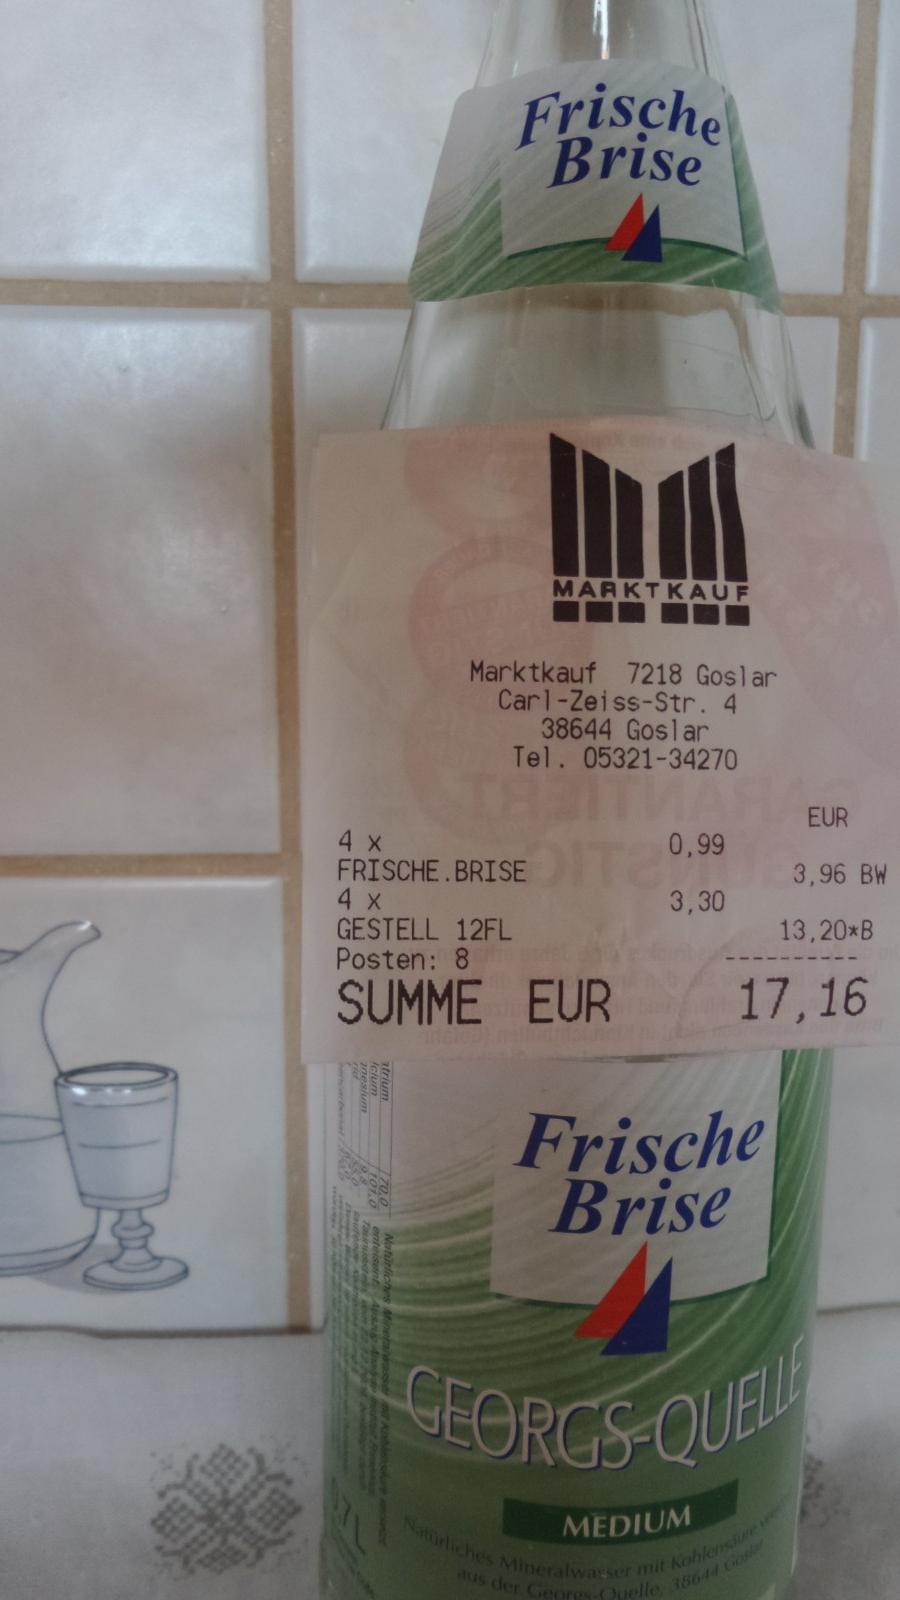 """(REGIONAL) Mineralwasser """"Frische Brise"""" 12 x 0,7 Liter, jeden Donnerstag für 0,99€ (plus Pfand) im Marktkauf Goslar"""